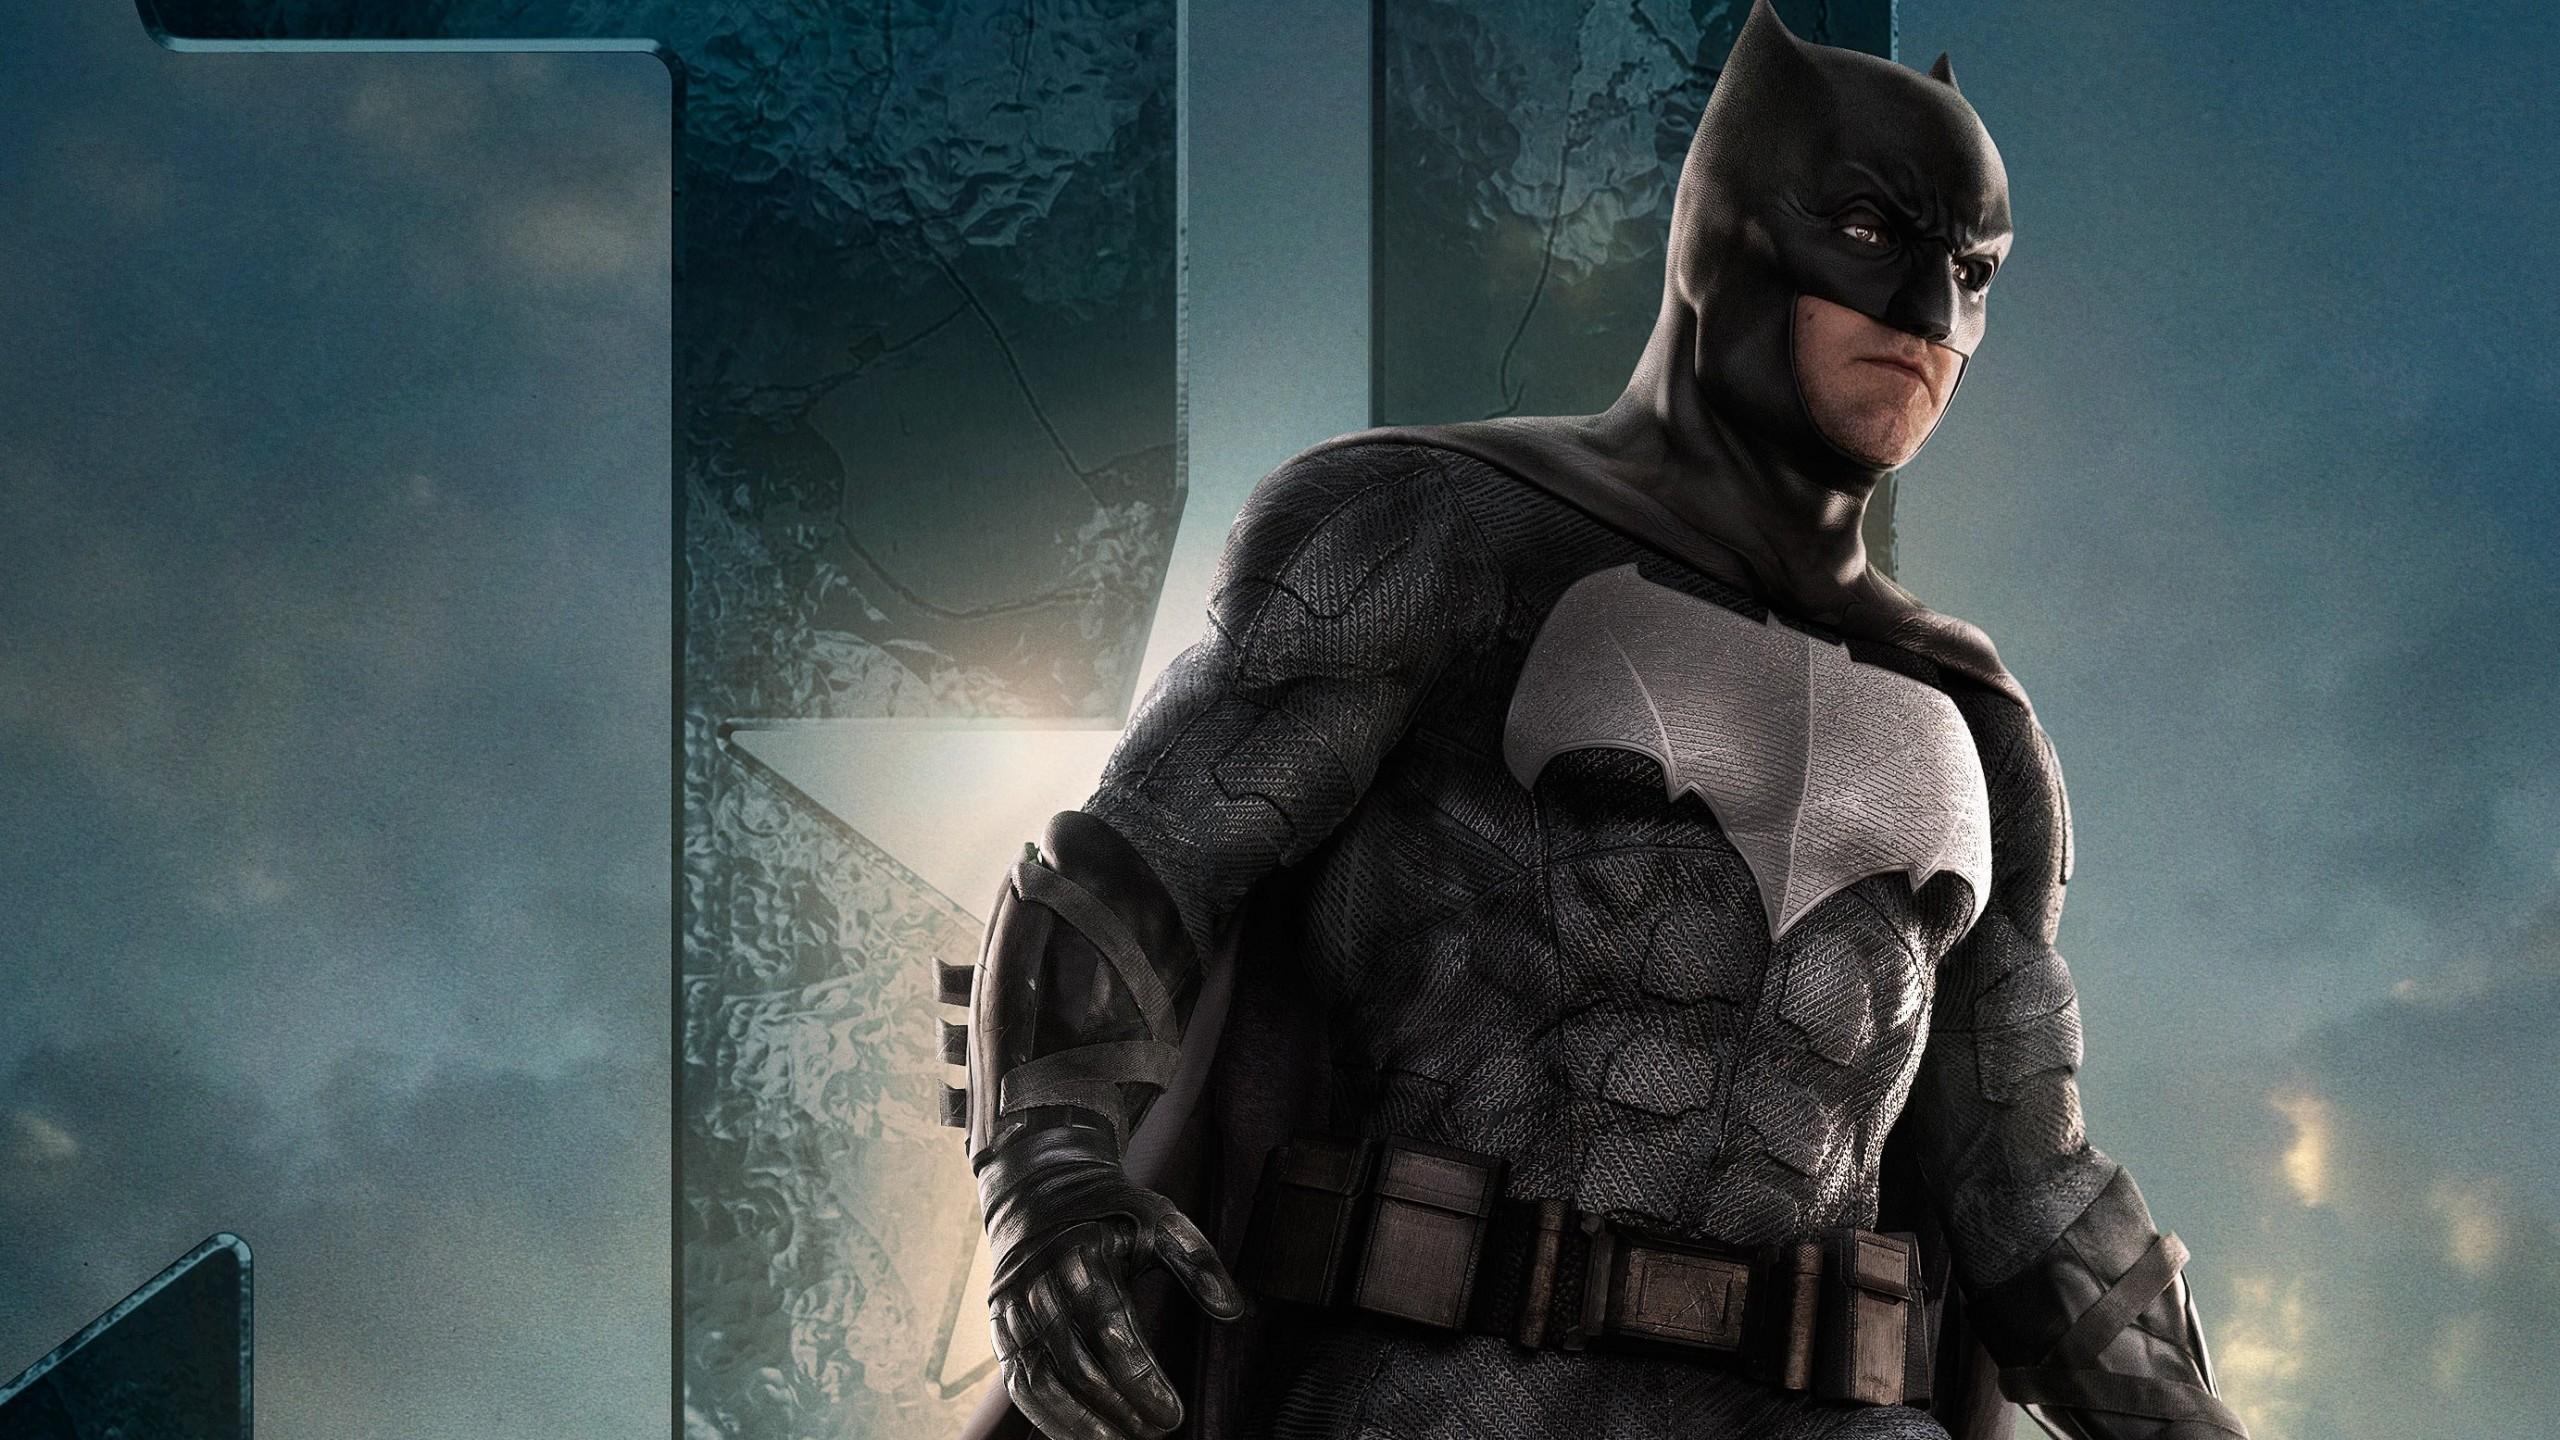 1920x1080 Batman Arkham Origins Hd Wallpaper